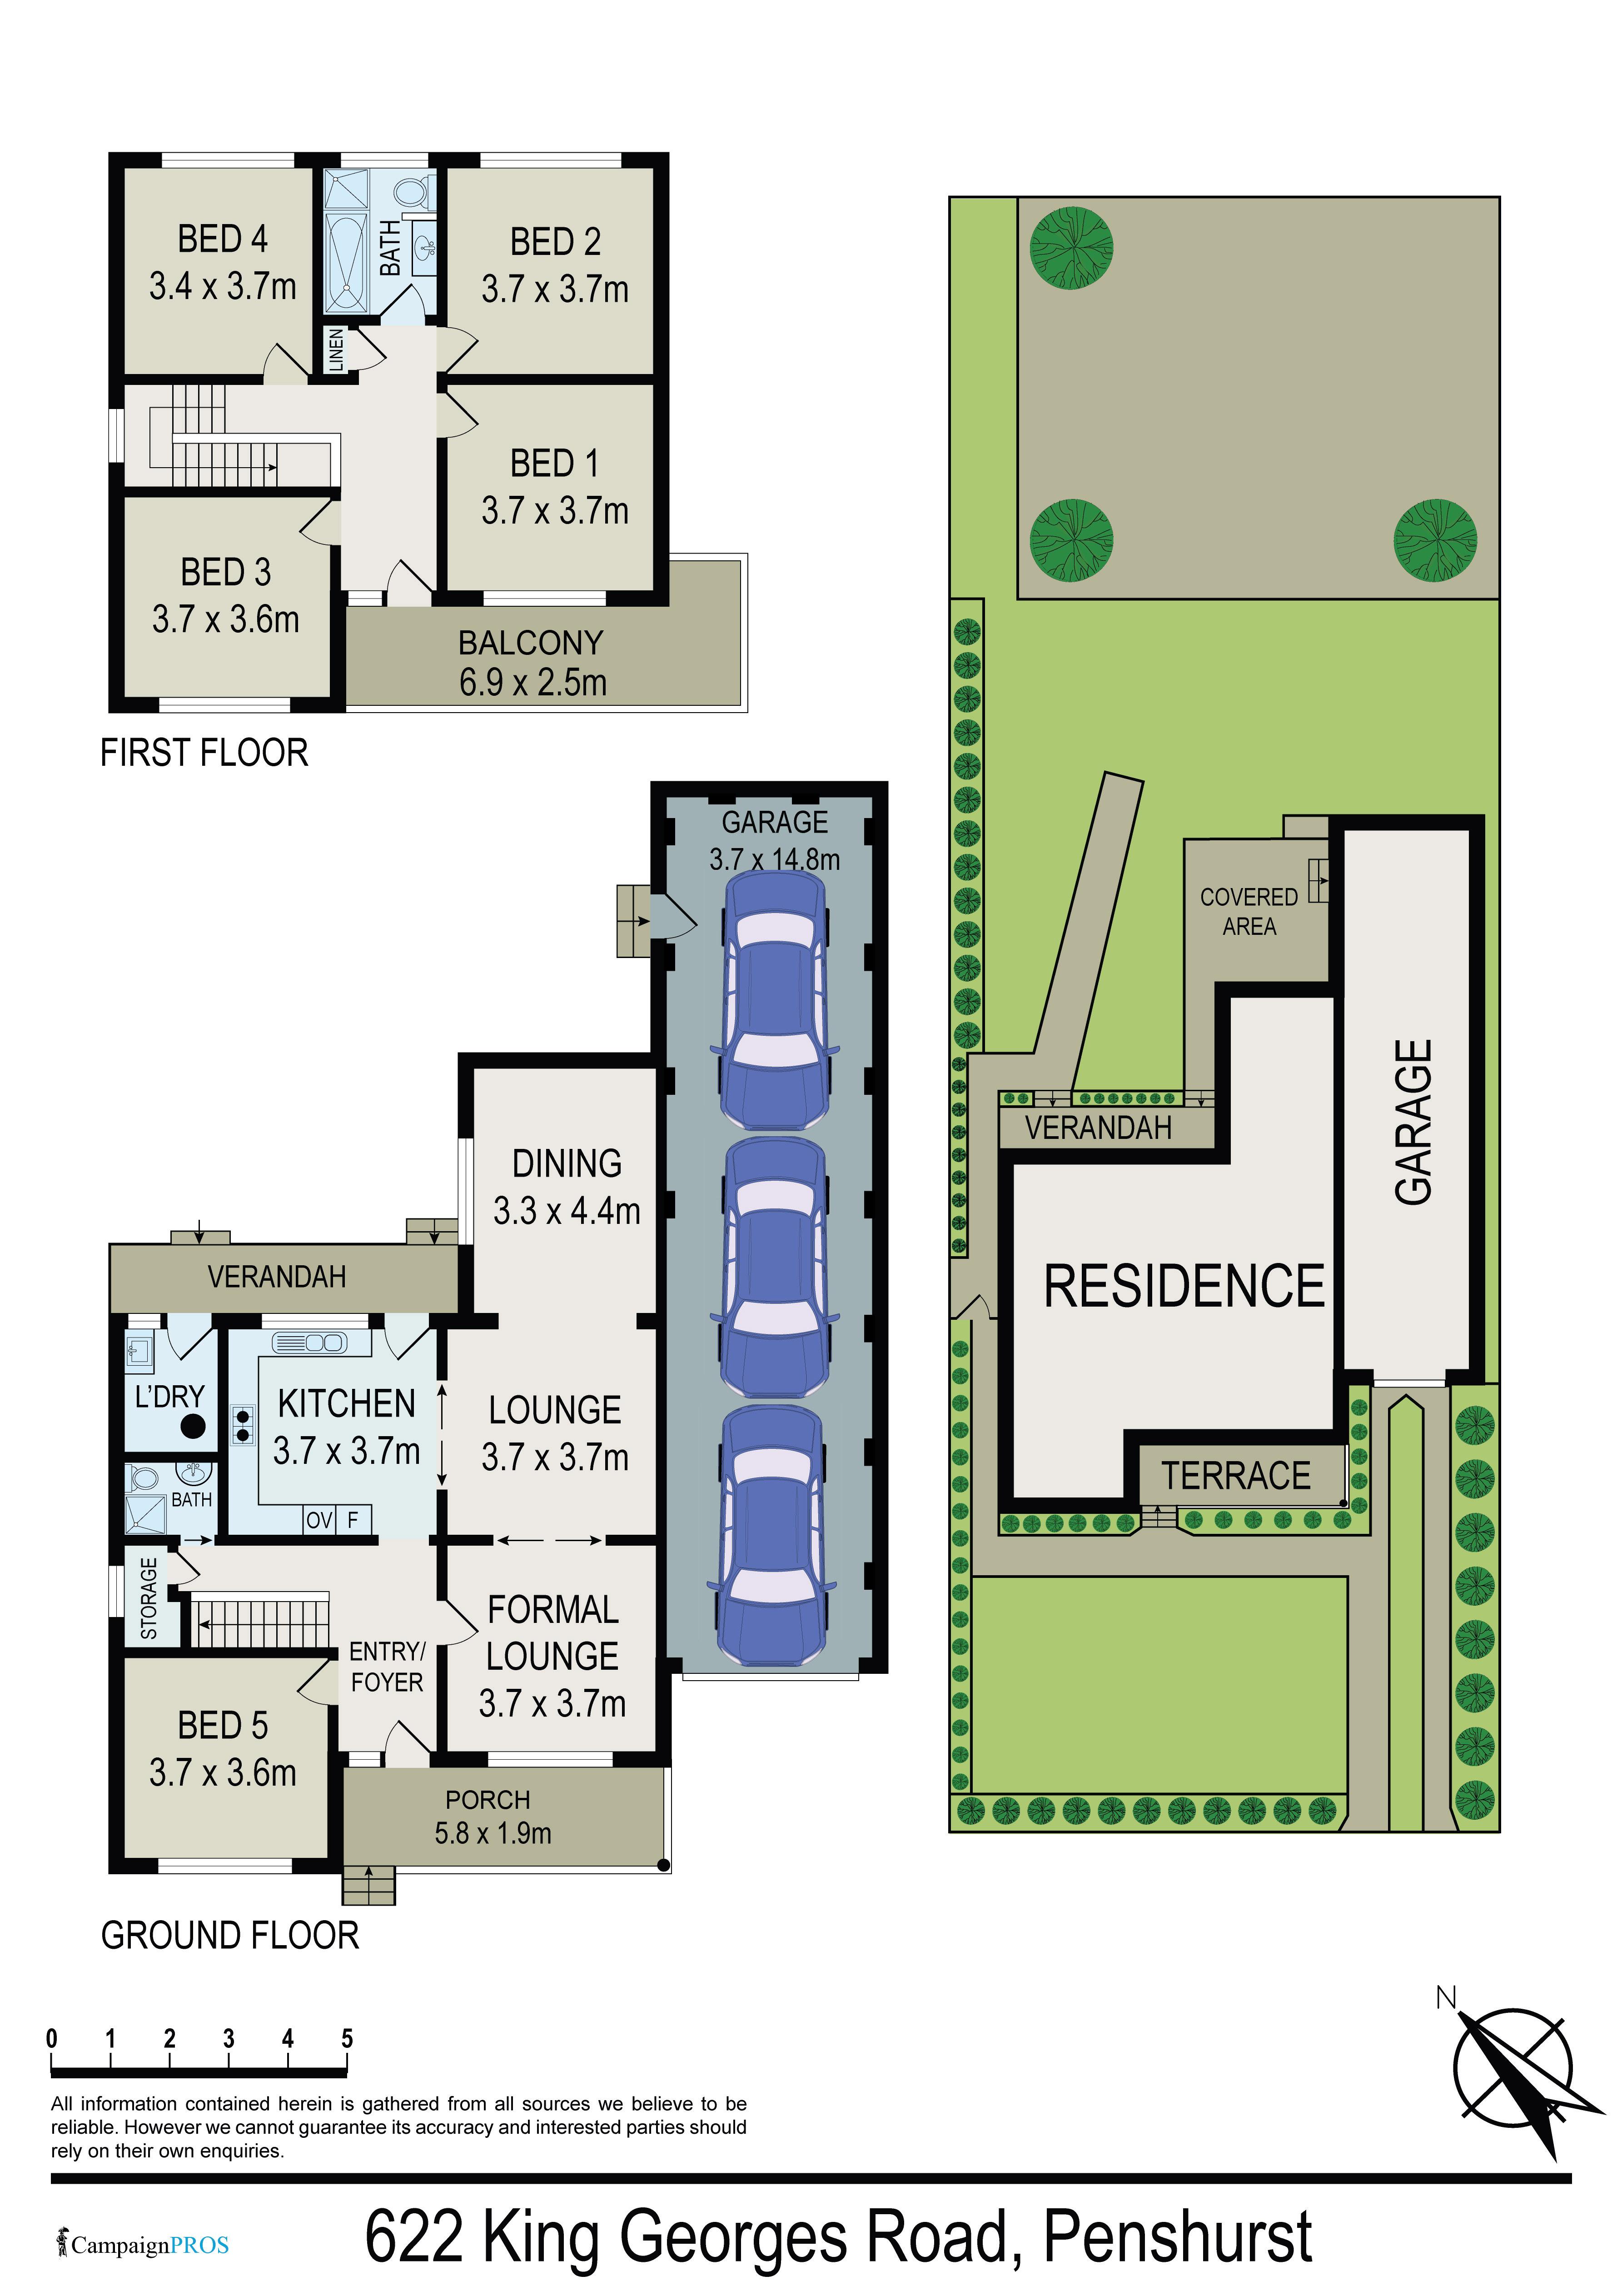 Image: Floorplan